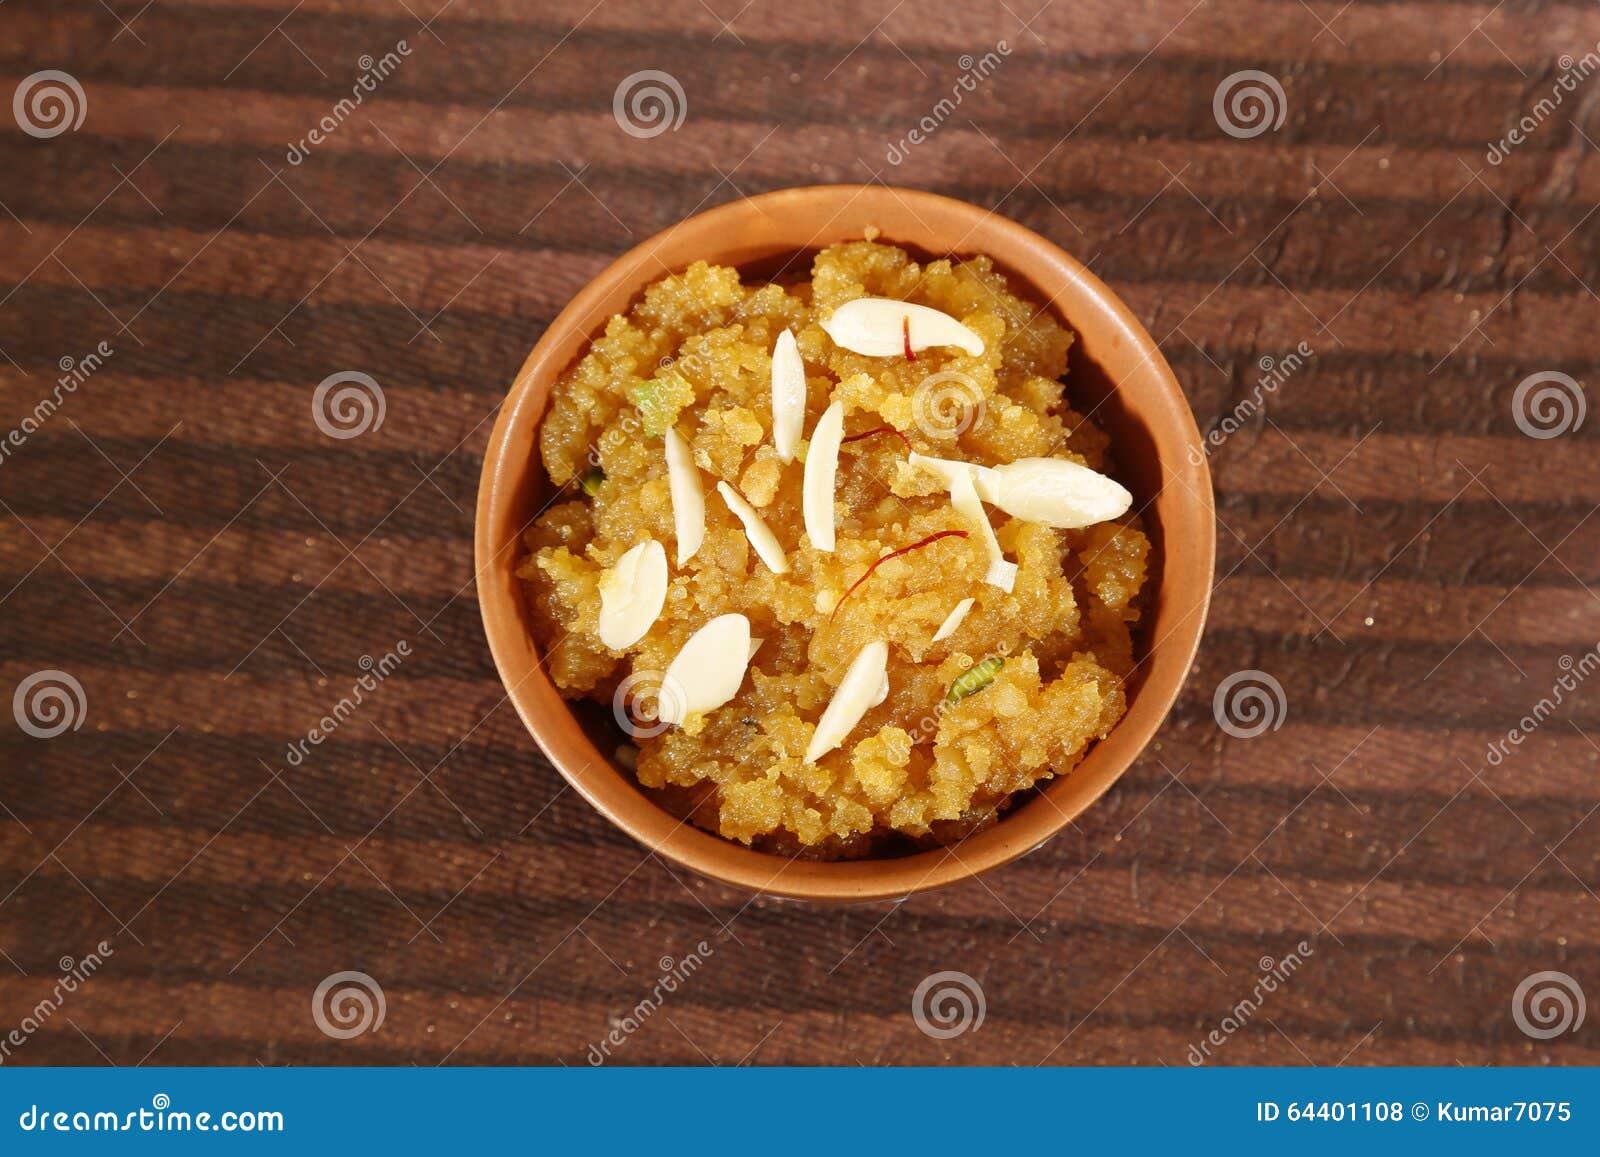 Rajasthani Moong Dal Halwa Indian Dessert